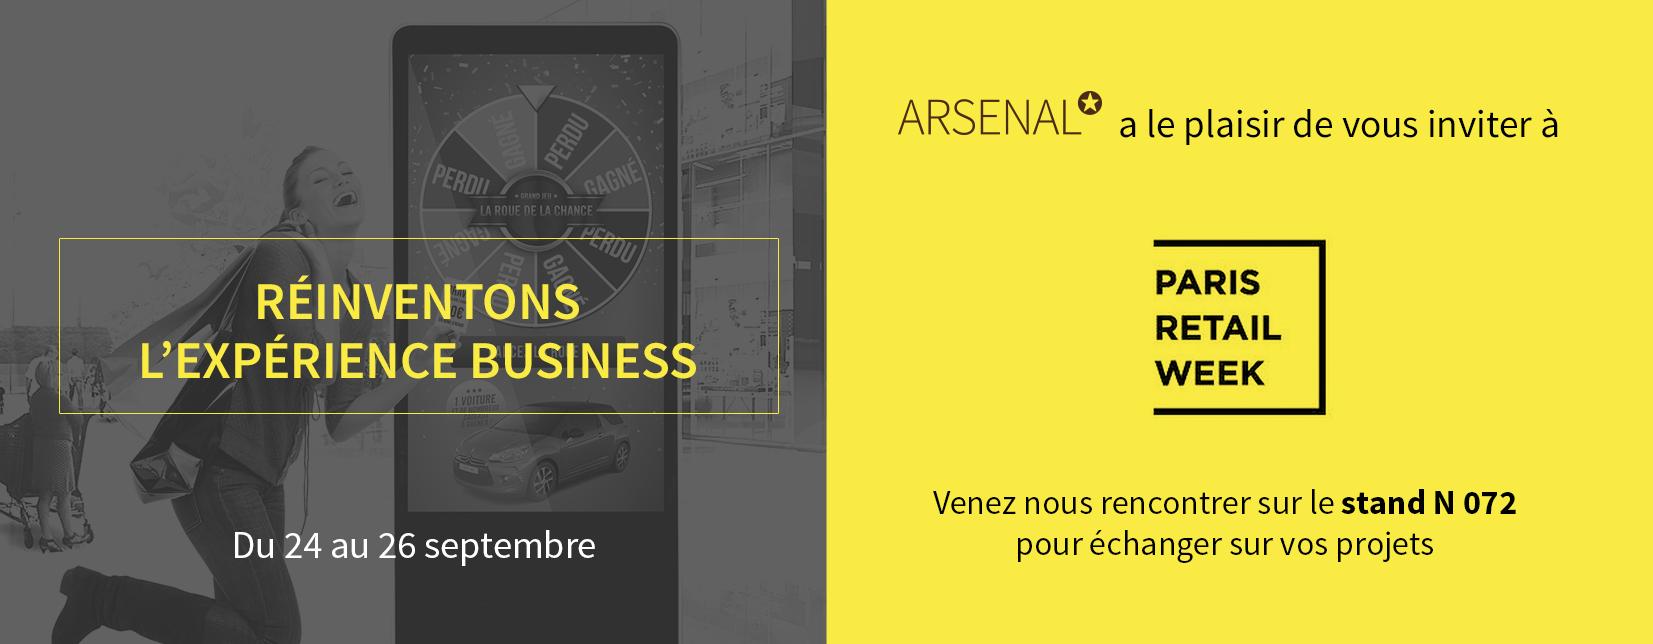 Arsenal présente ses bornes de jeu au salon Paris Retail Week